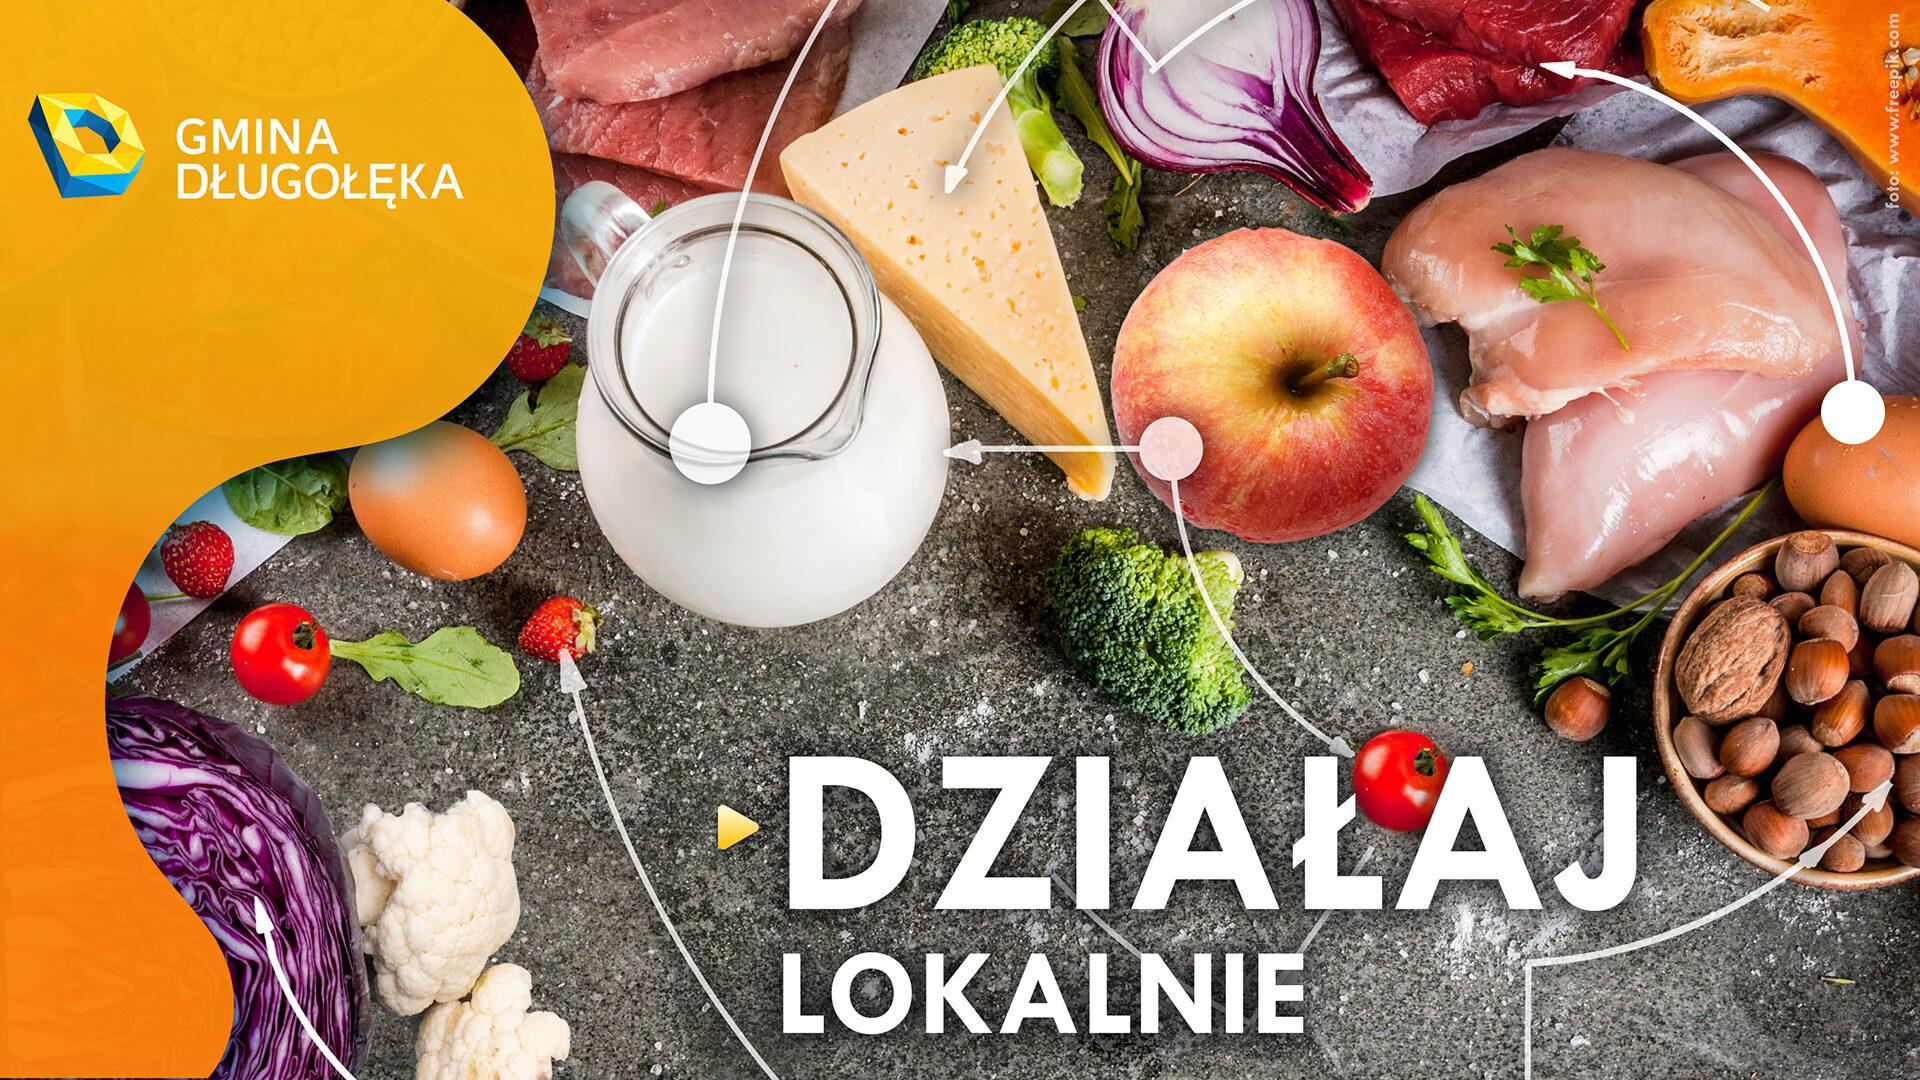 Letni Jarmark Lokalnych Smakołyków – org. Urząd Gminy Długołęka